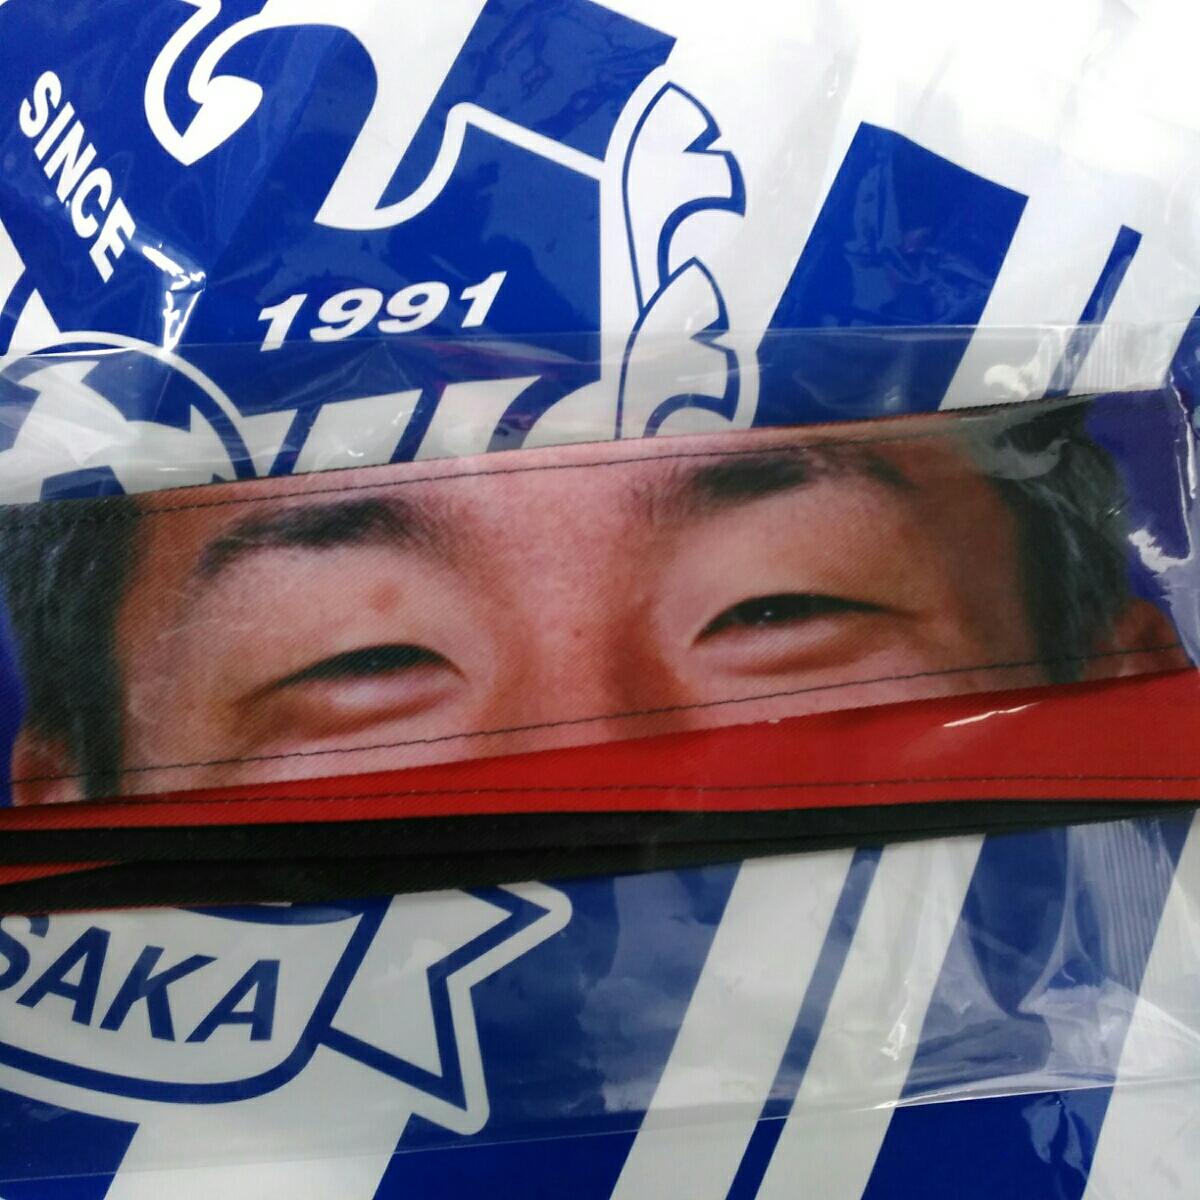 ガンバ大阪 Gガラ 井手口 東口選手 はちまきアイマスク 非売品 新品 未使用 グッズの画像